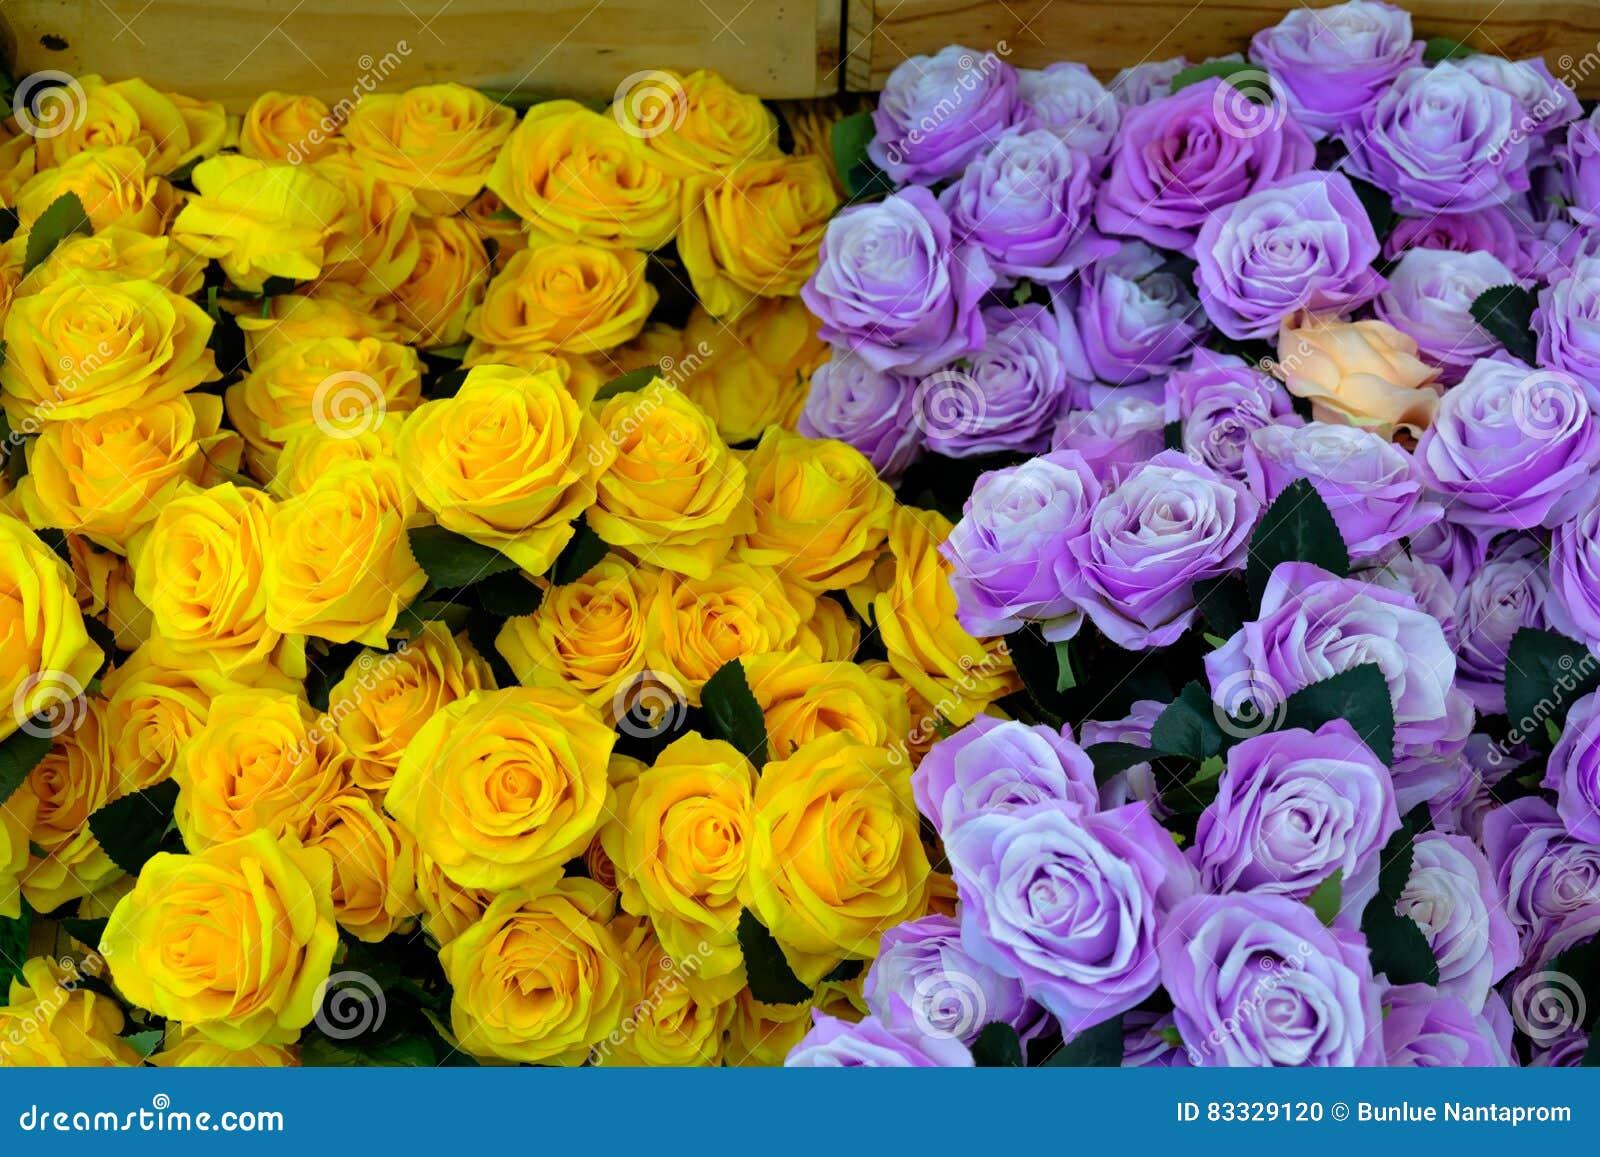 Piękne kwiaty bukietów Żółci ranunculus kwiaty, scabi i